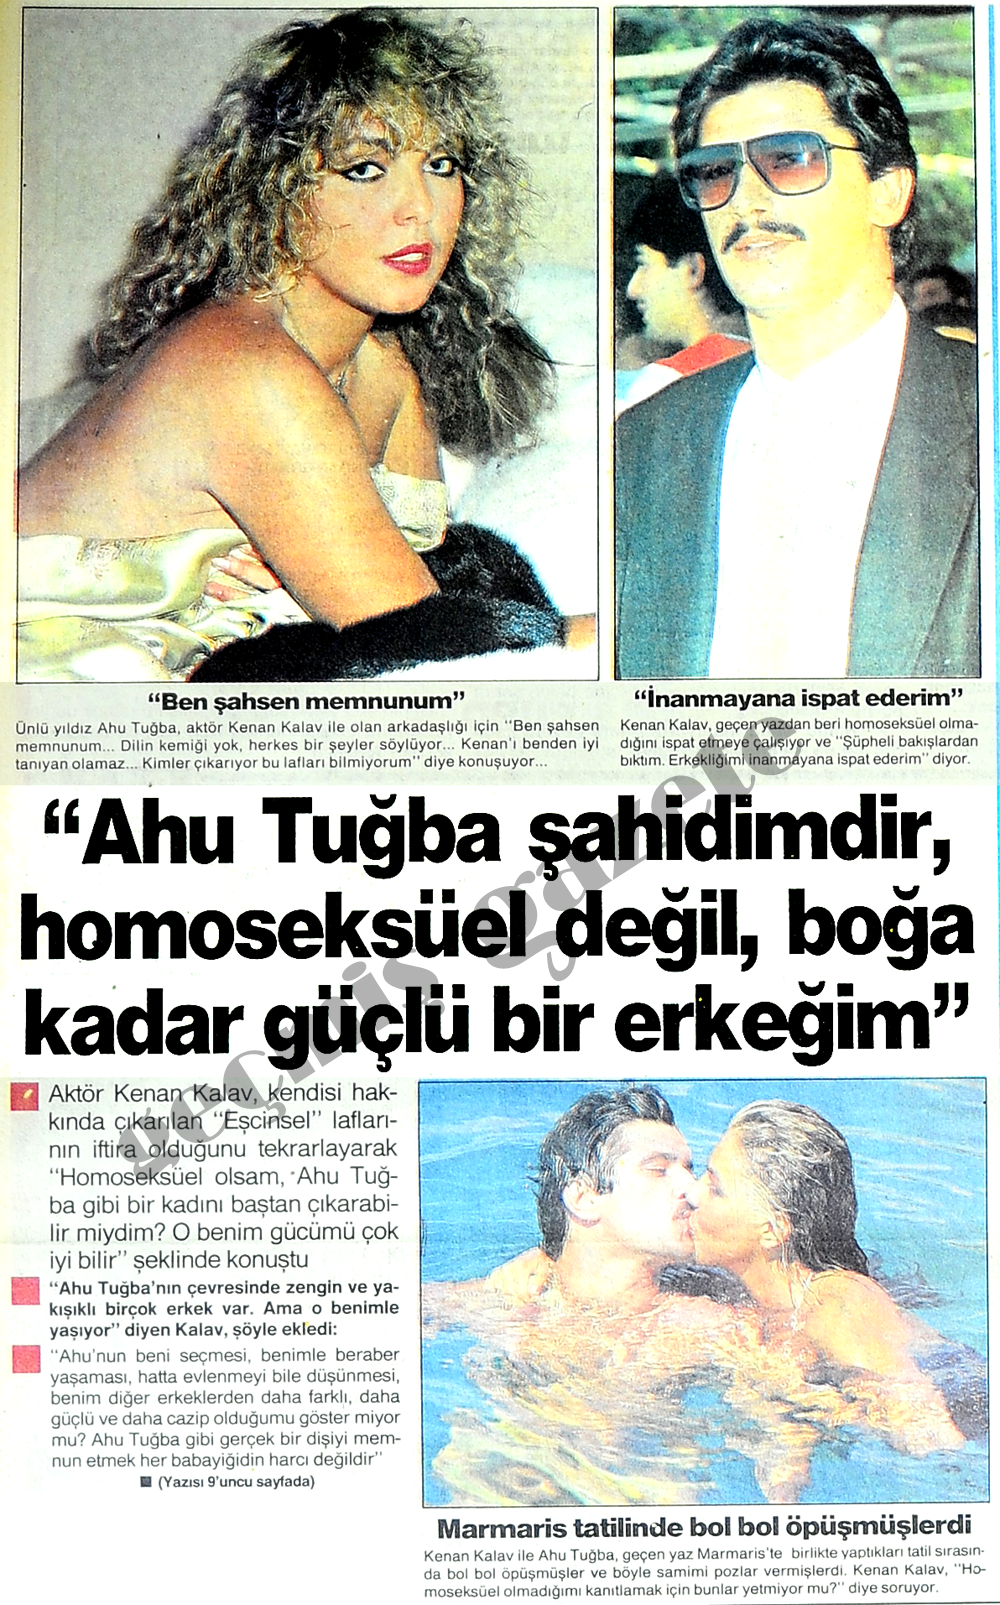 Ahu Tuğba şahidimdir, homoseksüel değil, boğa kadar güçlü bir erkeğim